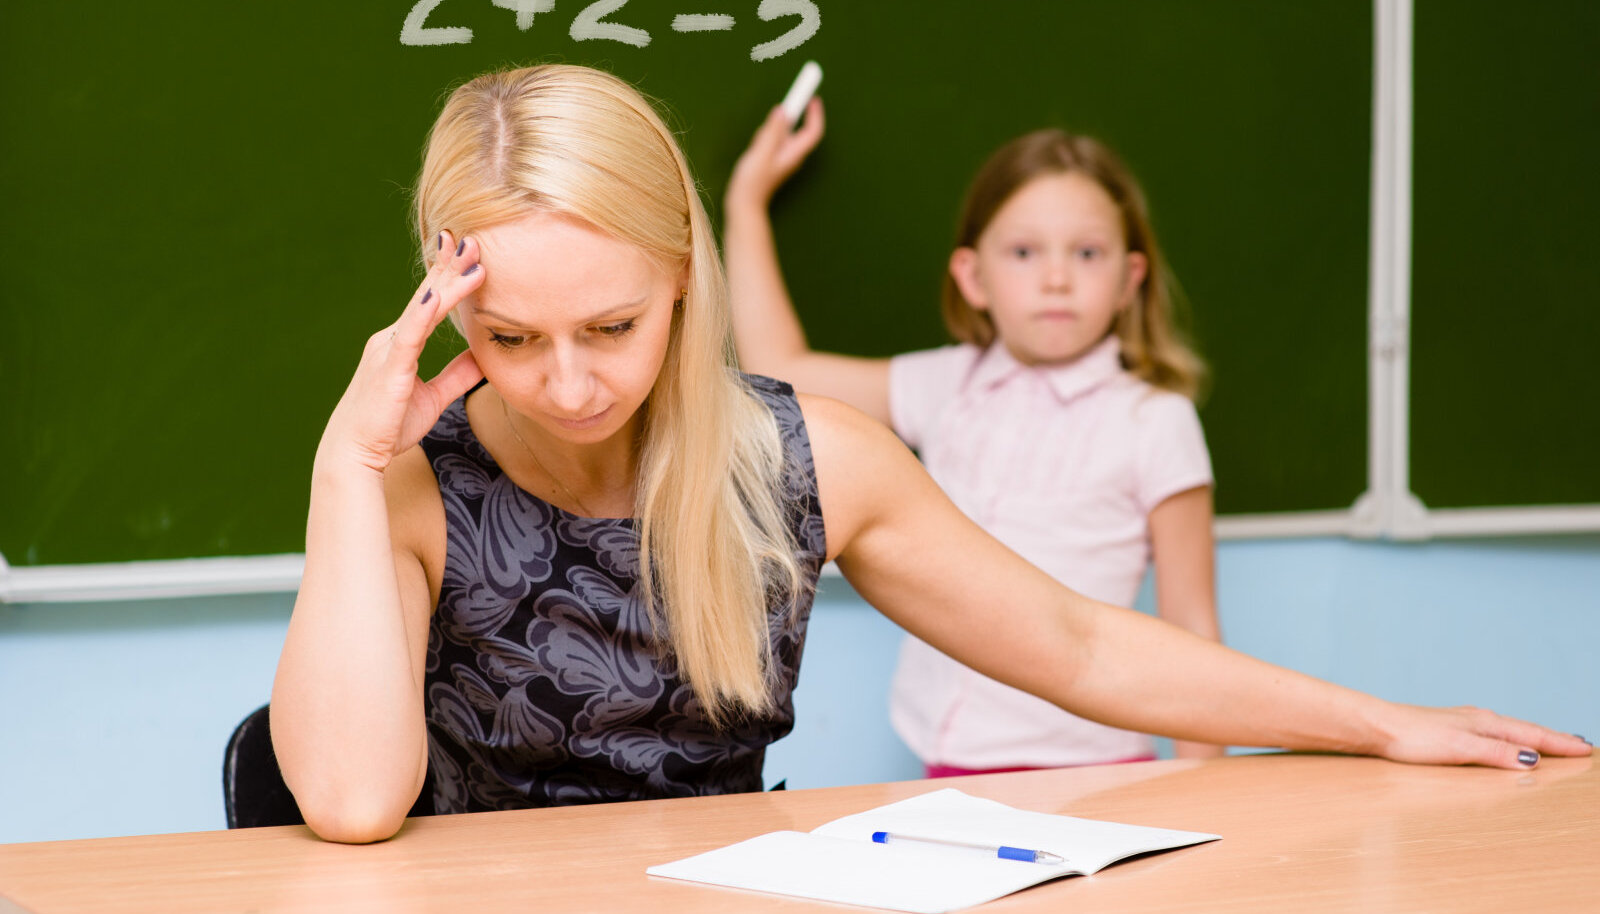 Õpetajate palgad erinevad sadade eurode võrra